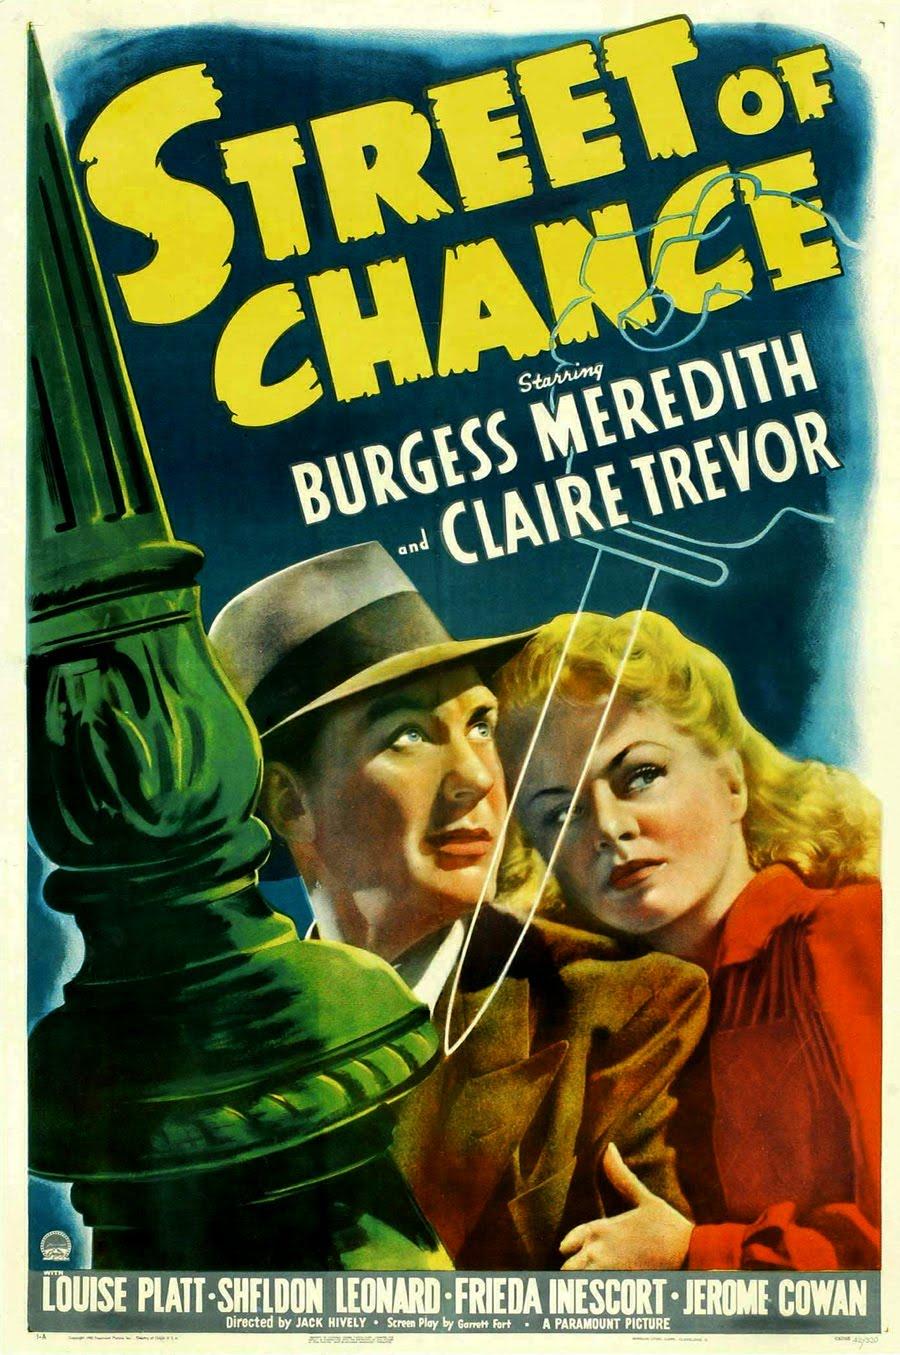 affiche poster film noir cinema 030 102 affiches de films noirs